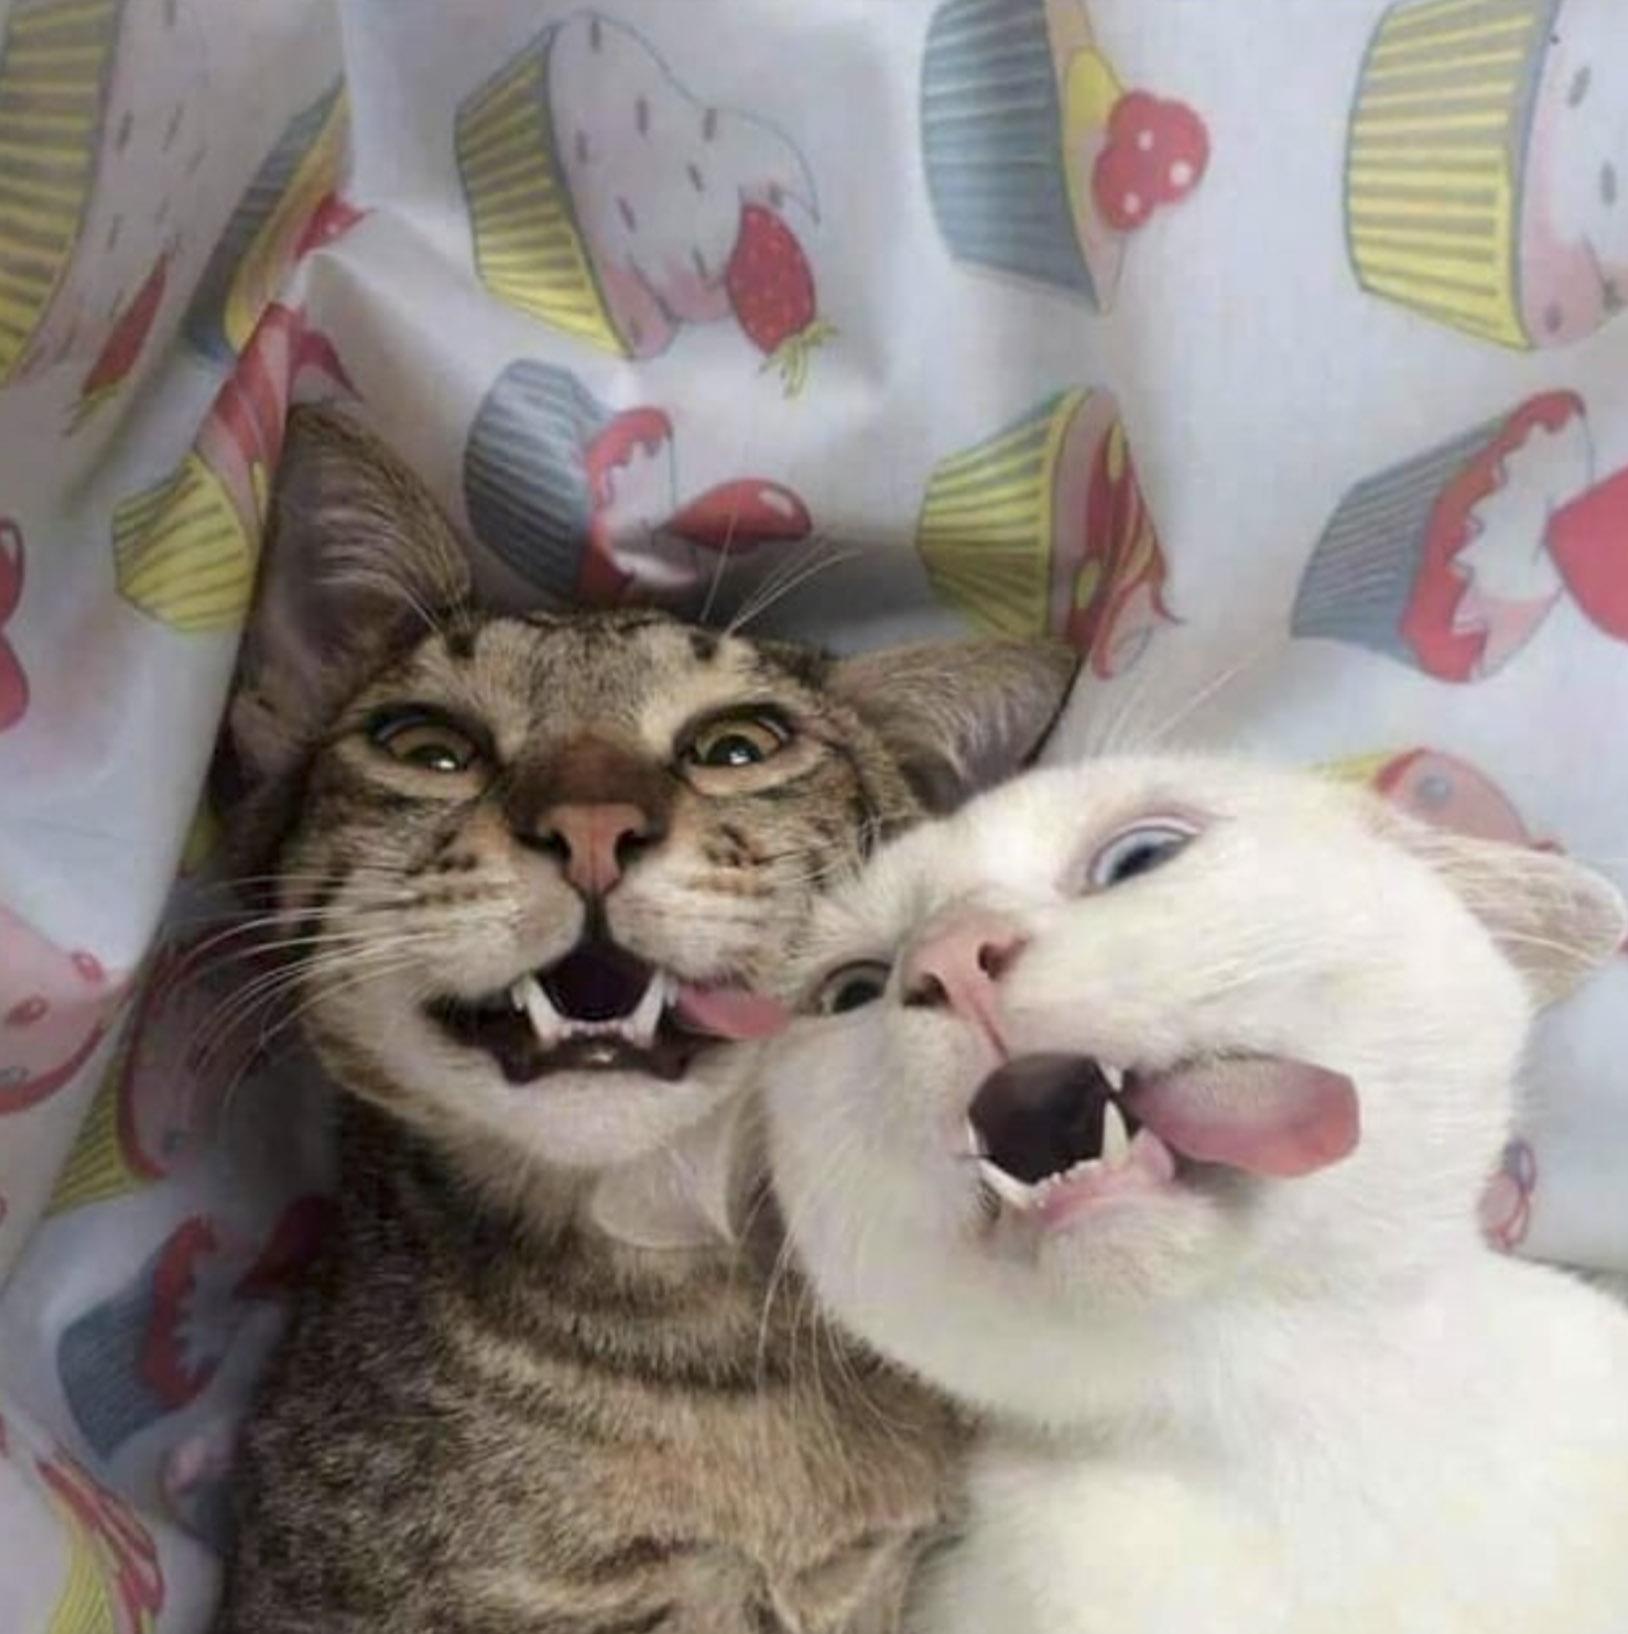 котики с высунытими язычками